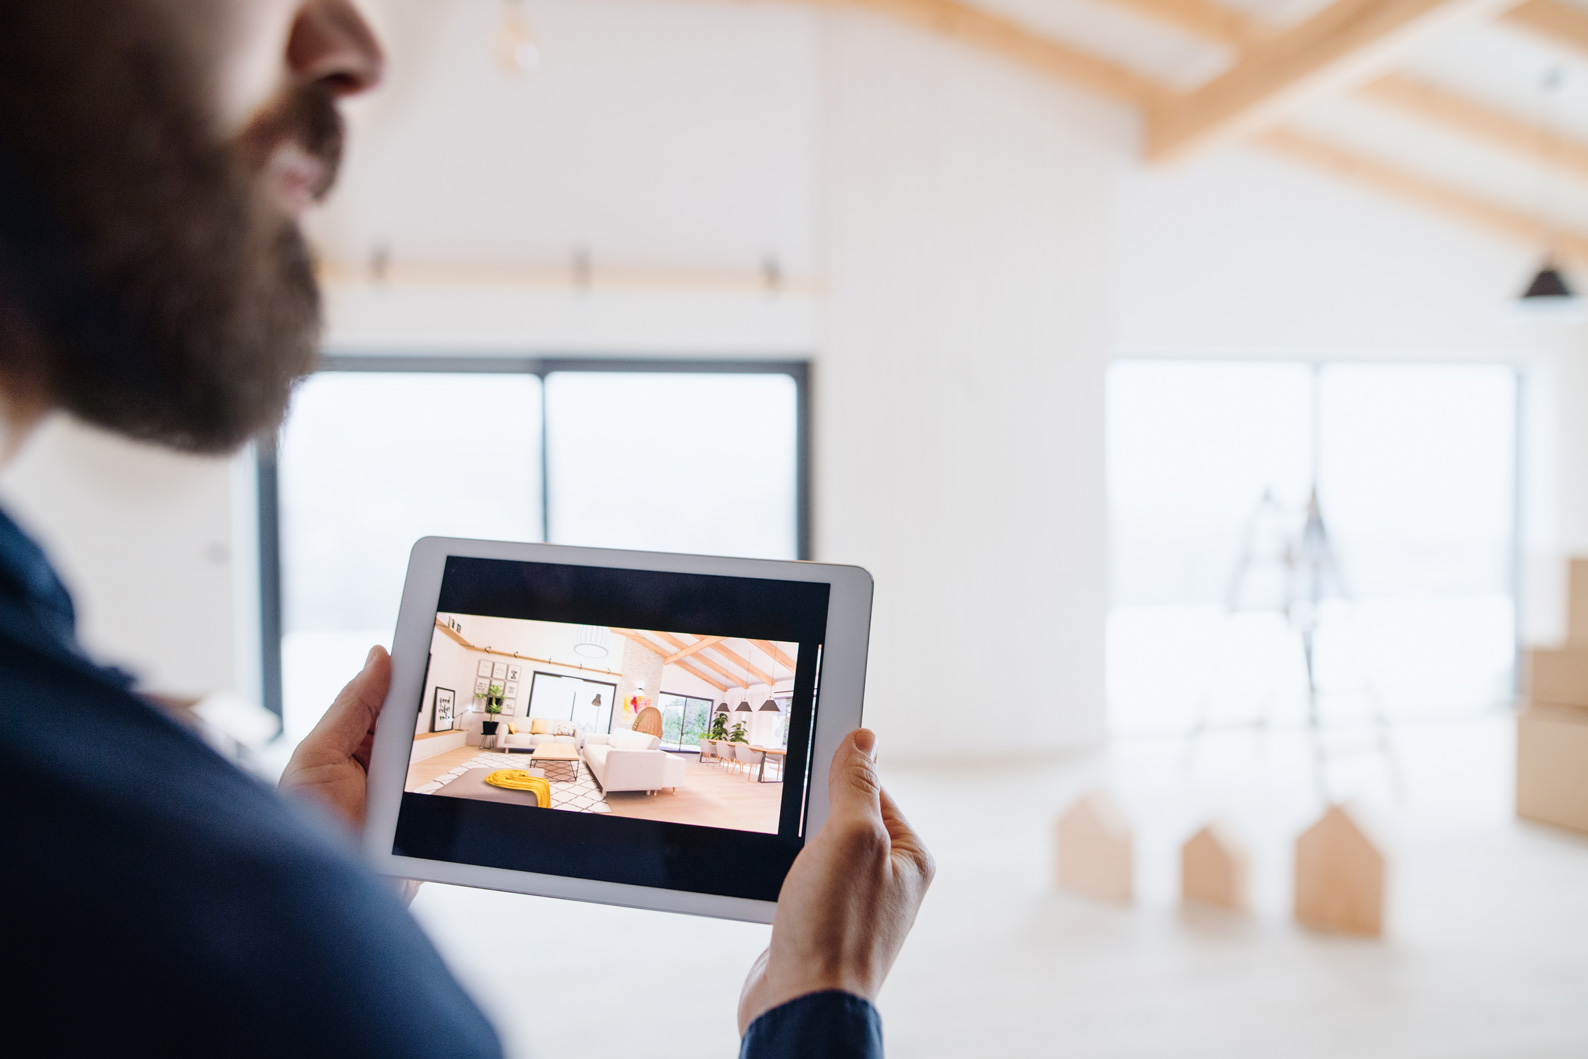 How to Build an Impressive Interior Design Portfolio